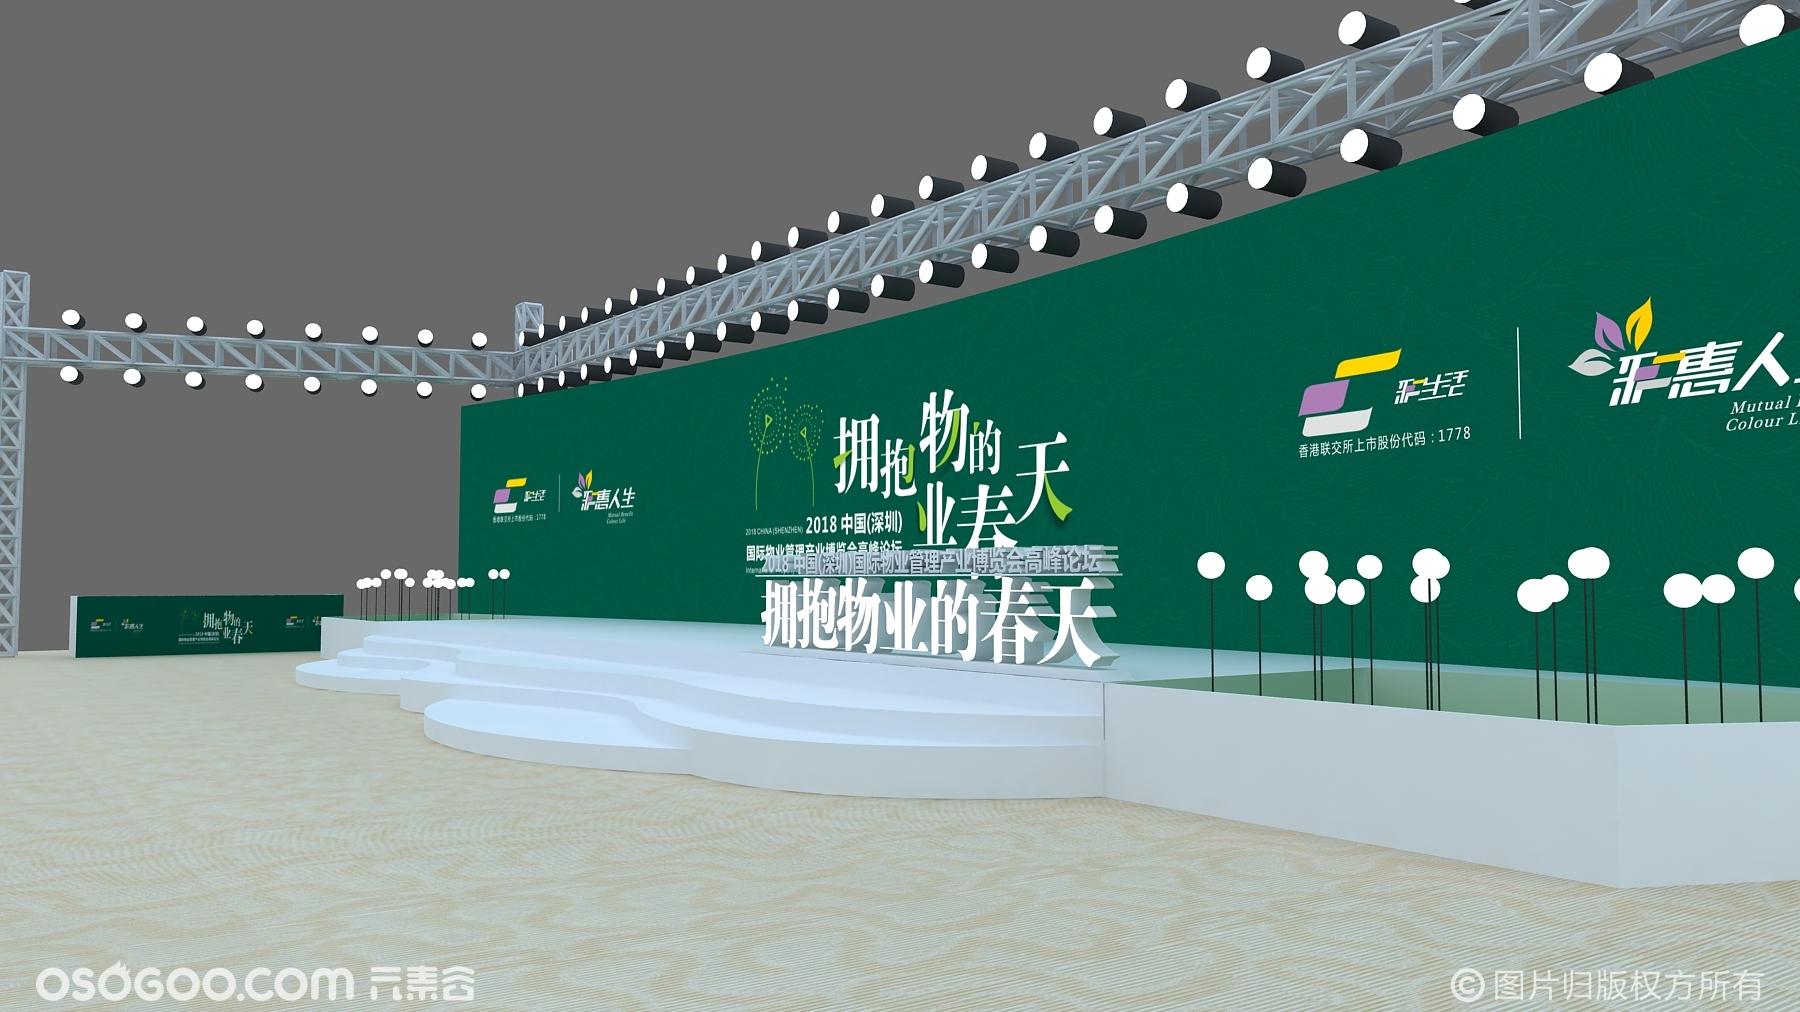 中國(深圳)國際物業管理產業博覽會高峰論壇